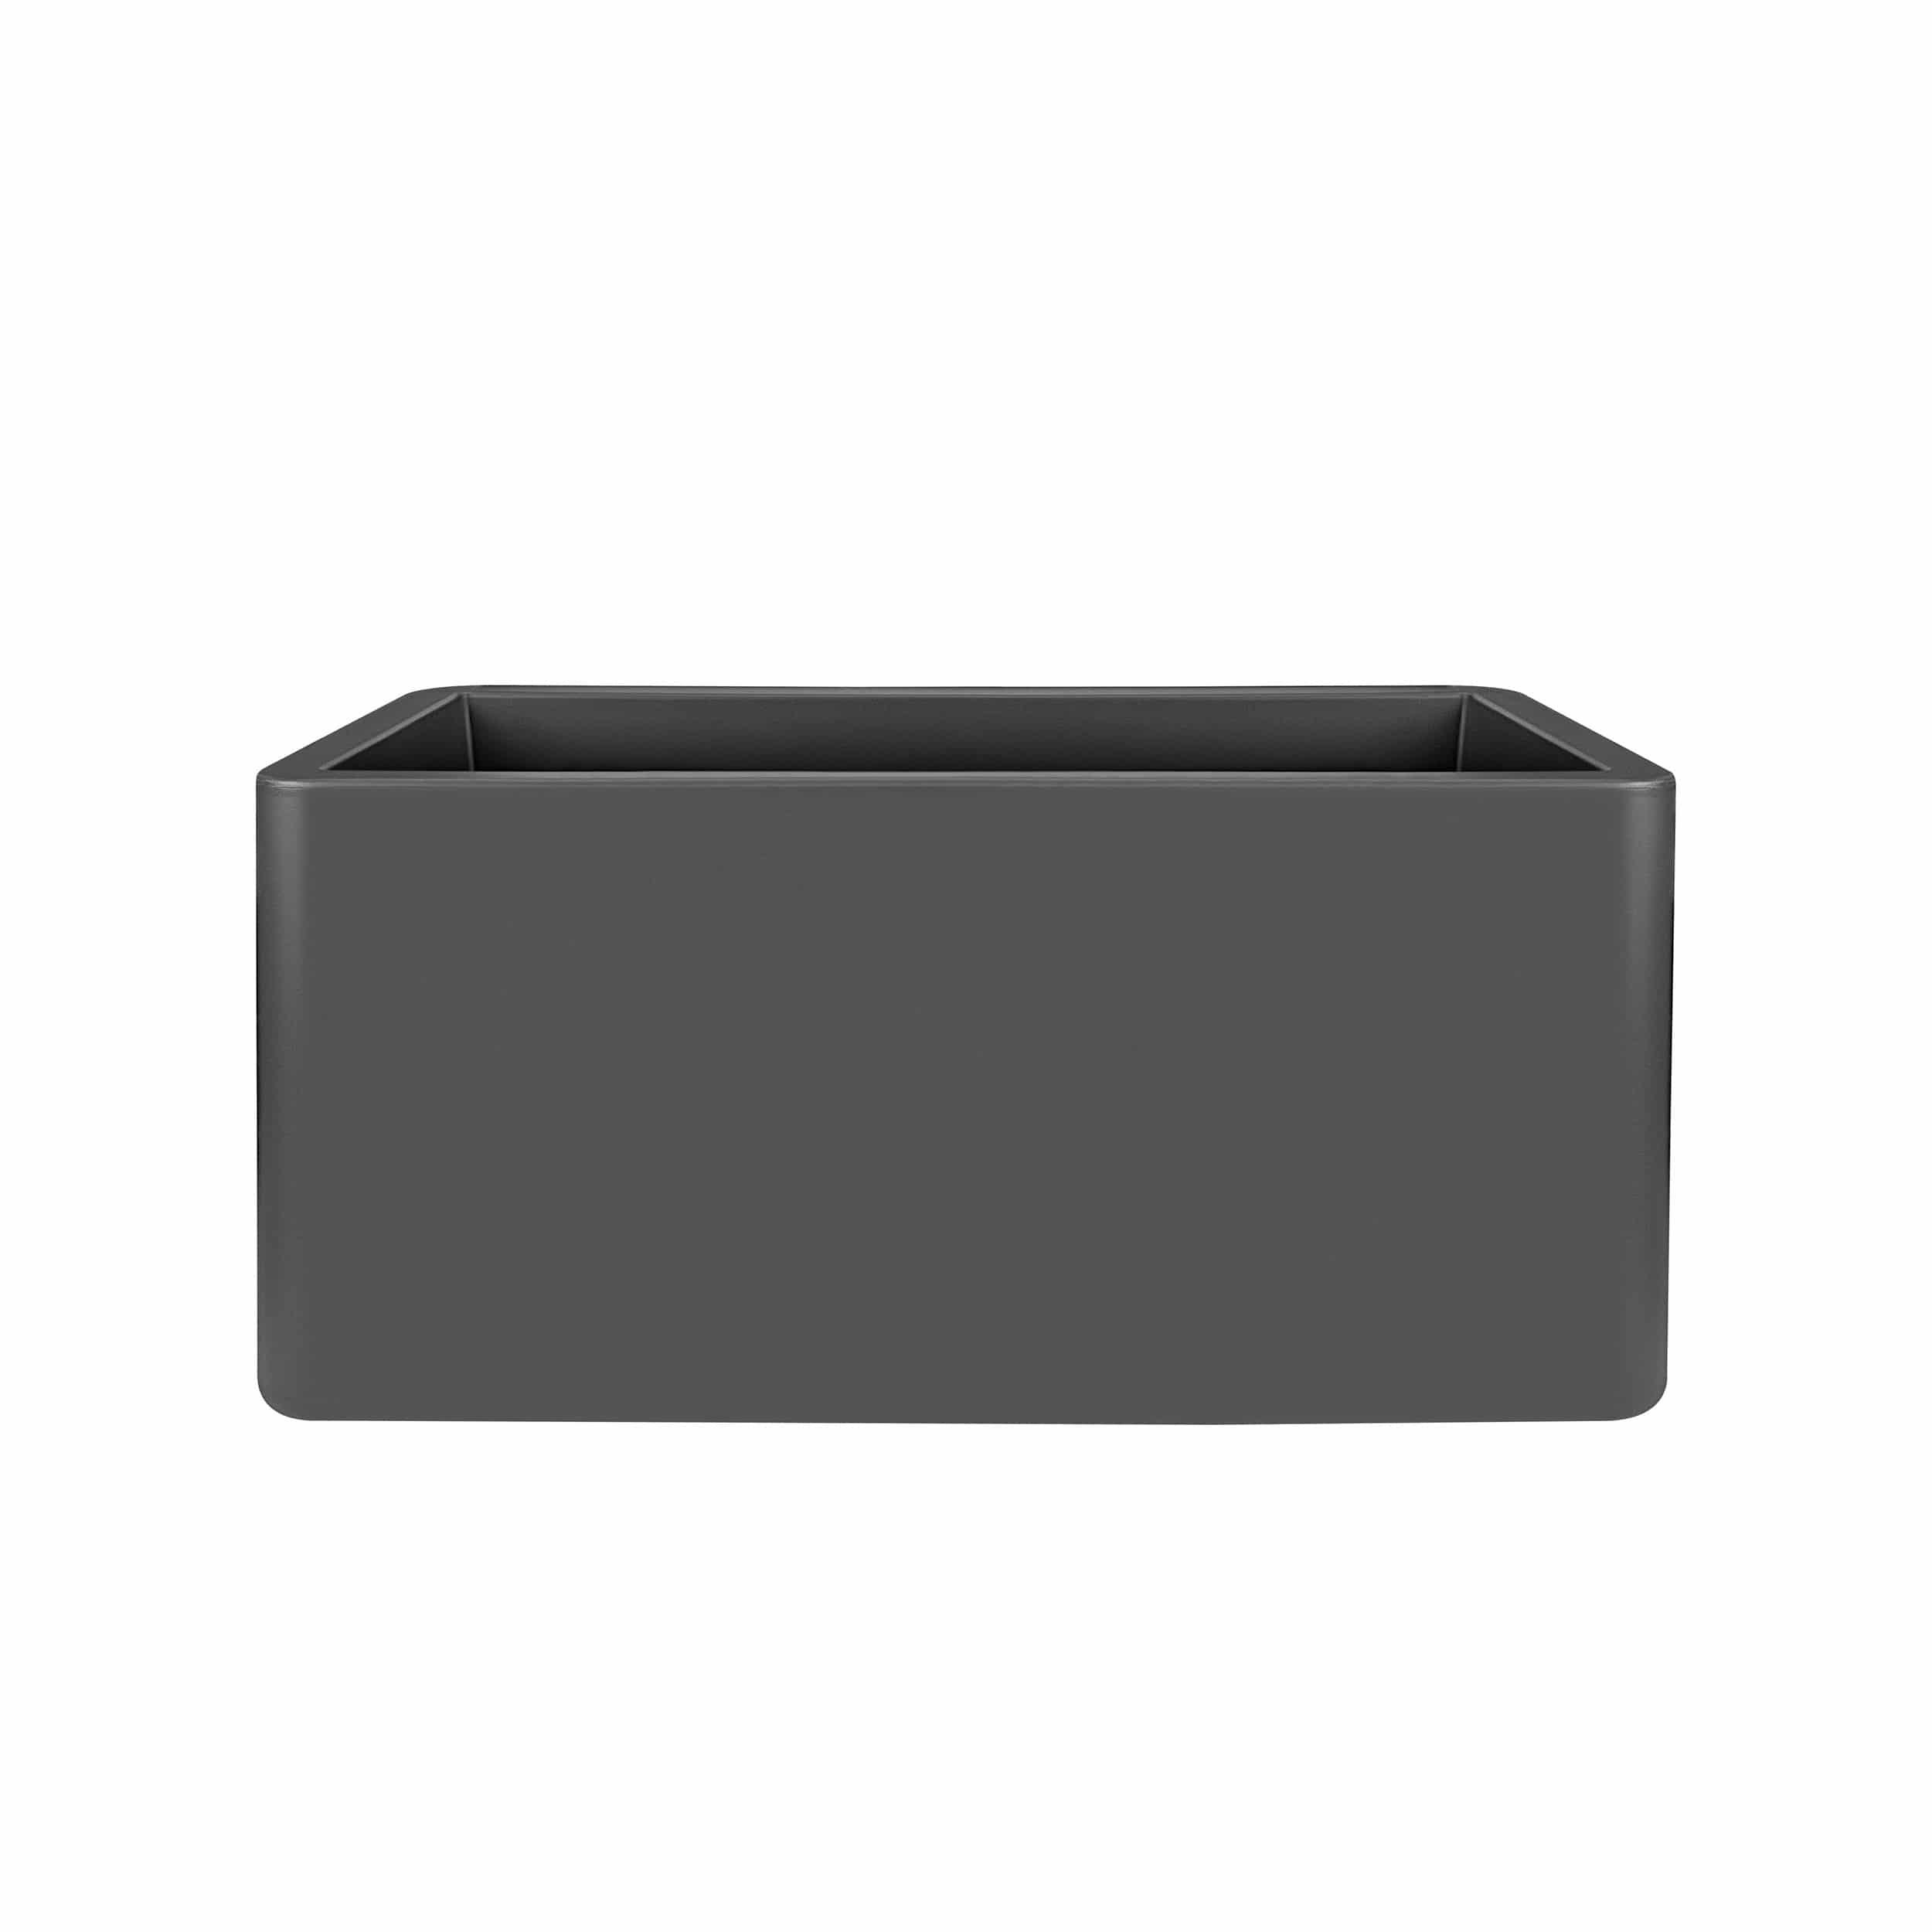 Pflanzkasten Pure Soft Brick Long mit Rollen L80cm anthrazit